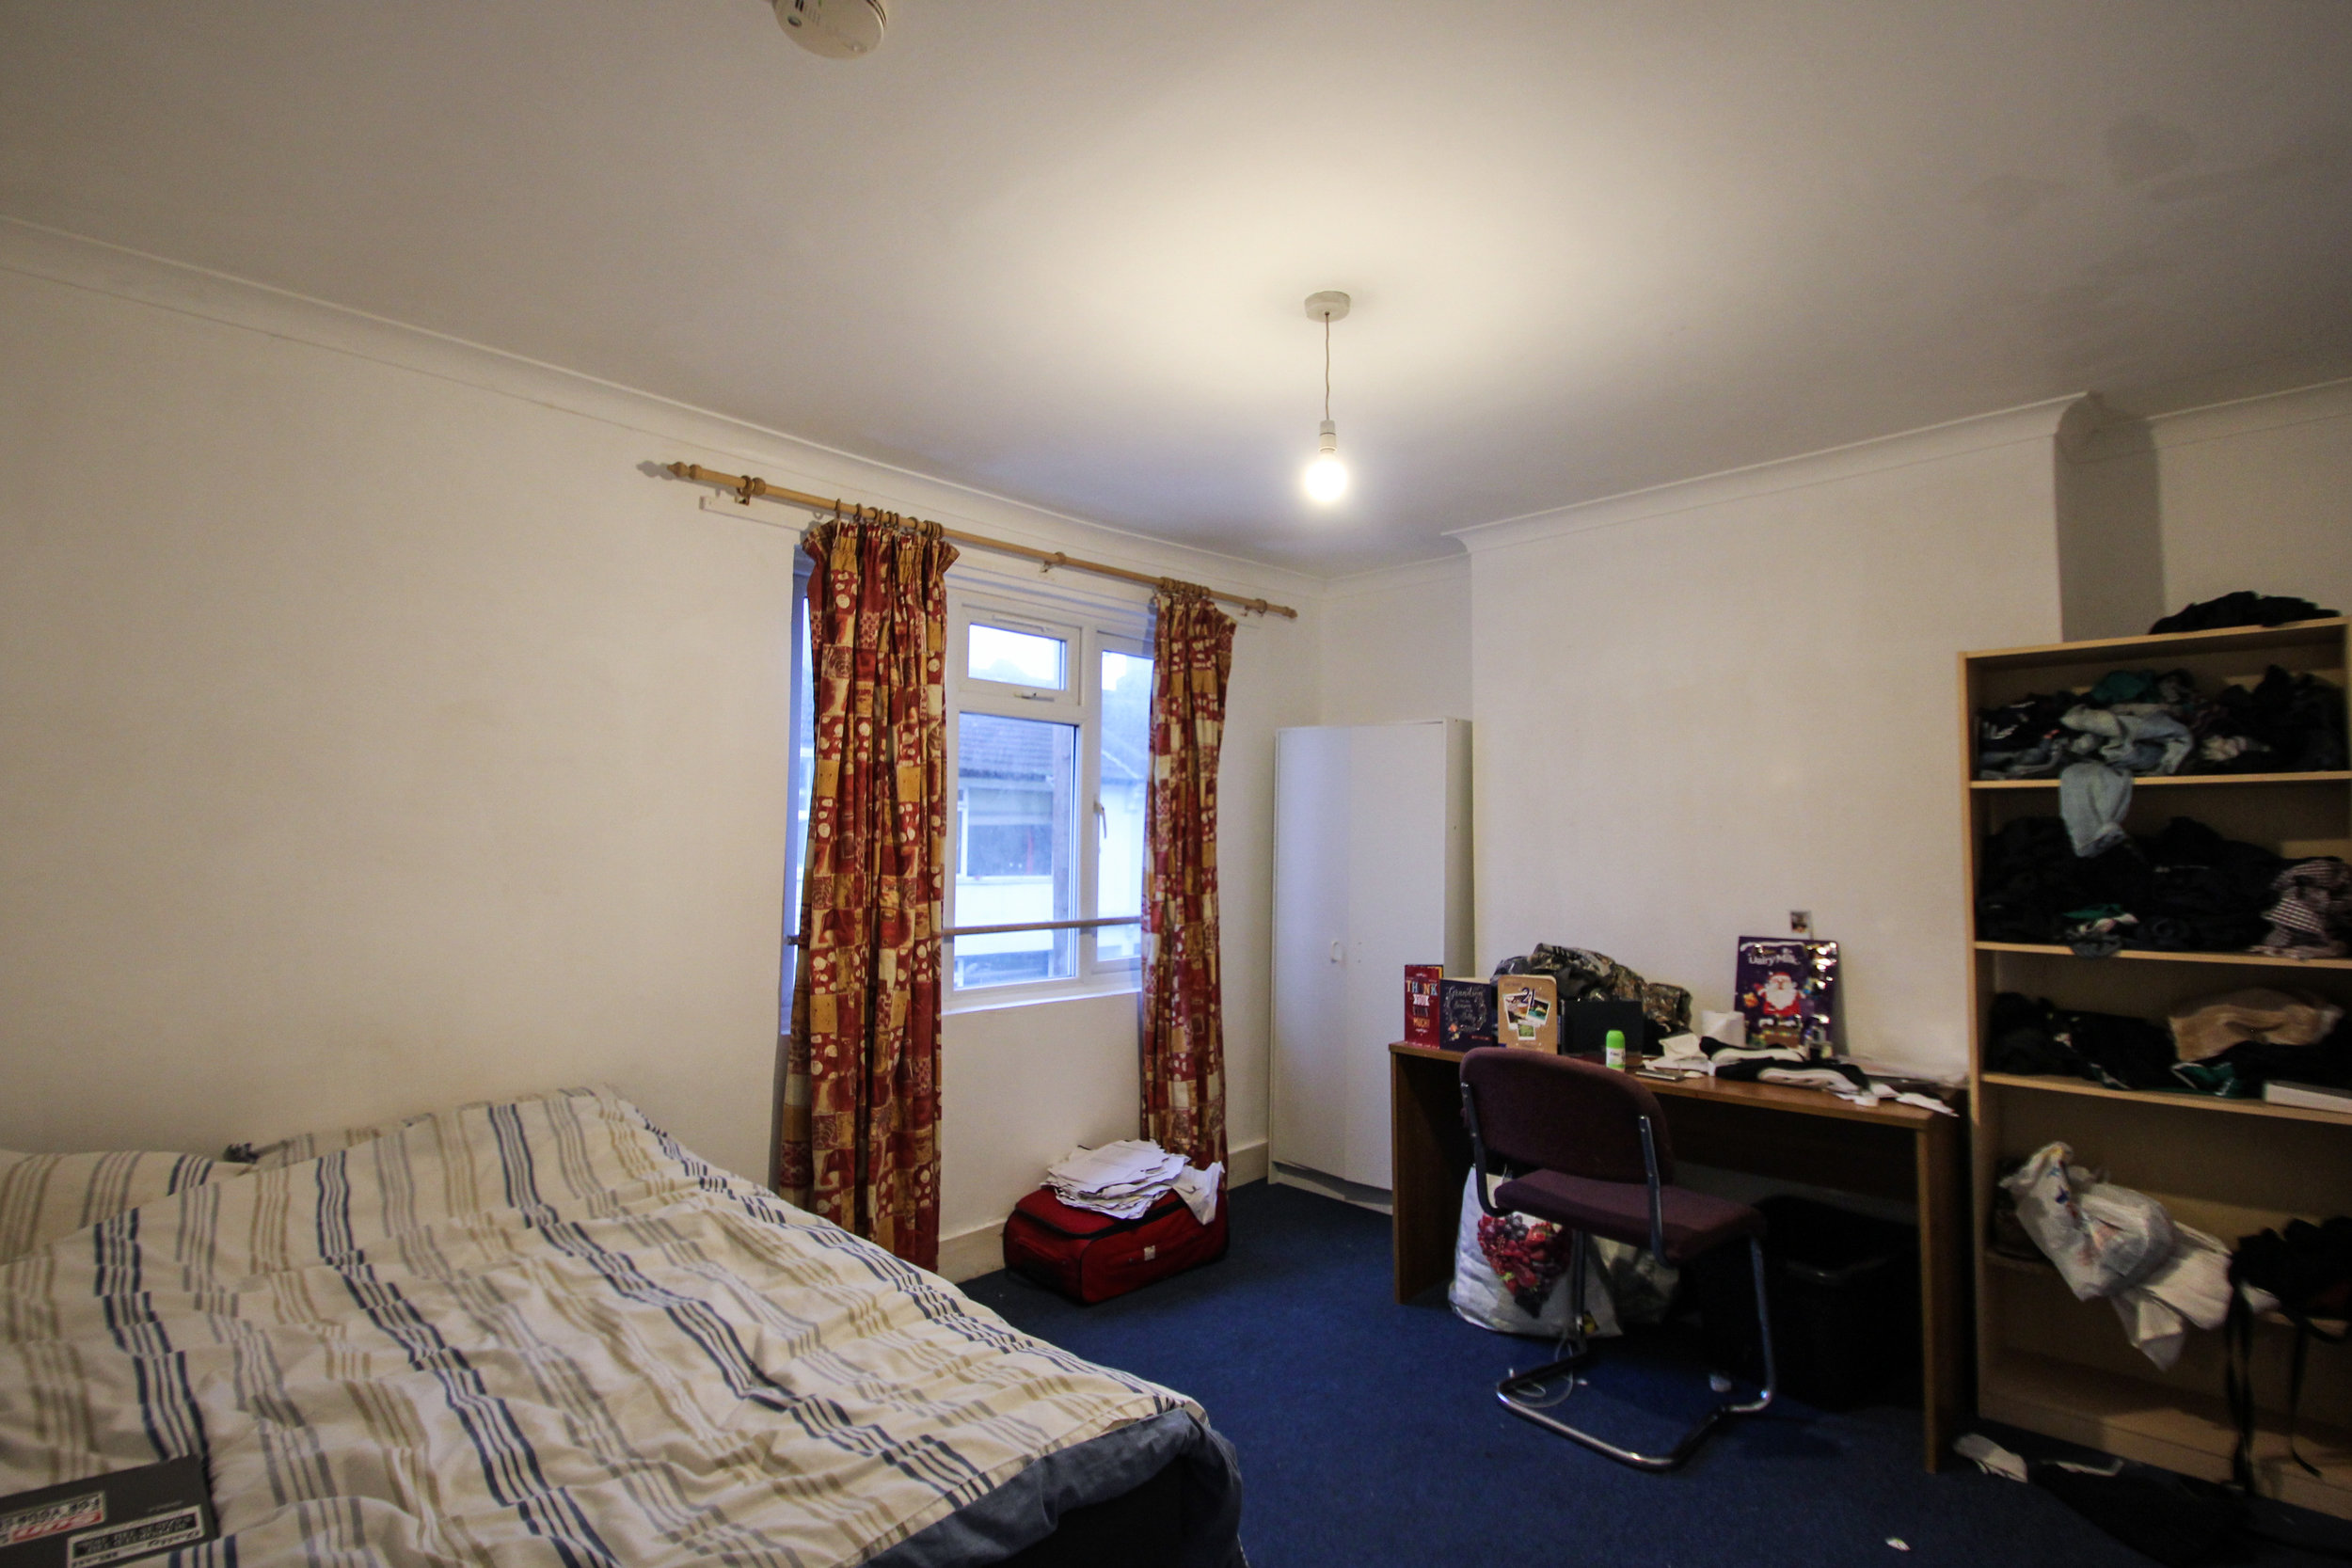 IMG_9689_edited.jpg bedroom 4.jpg